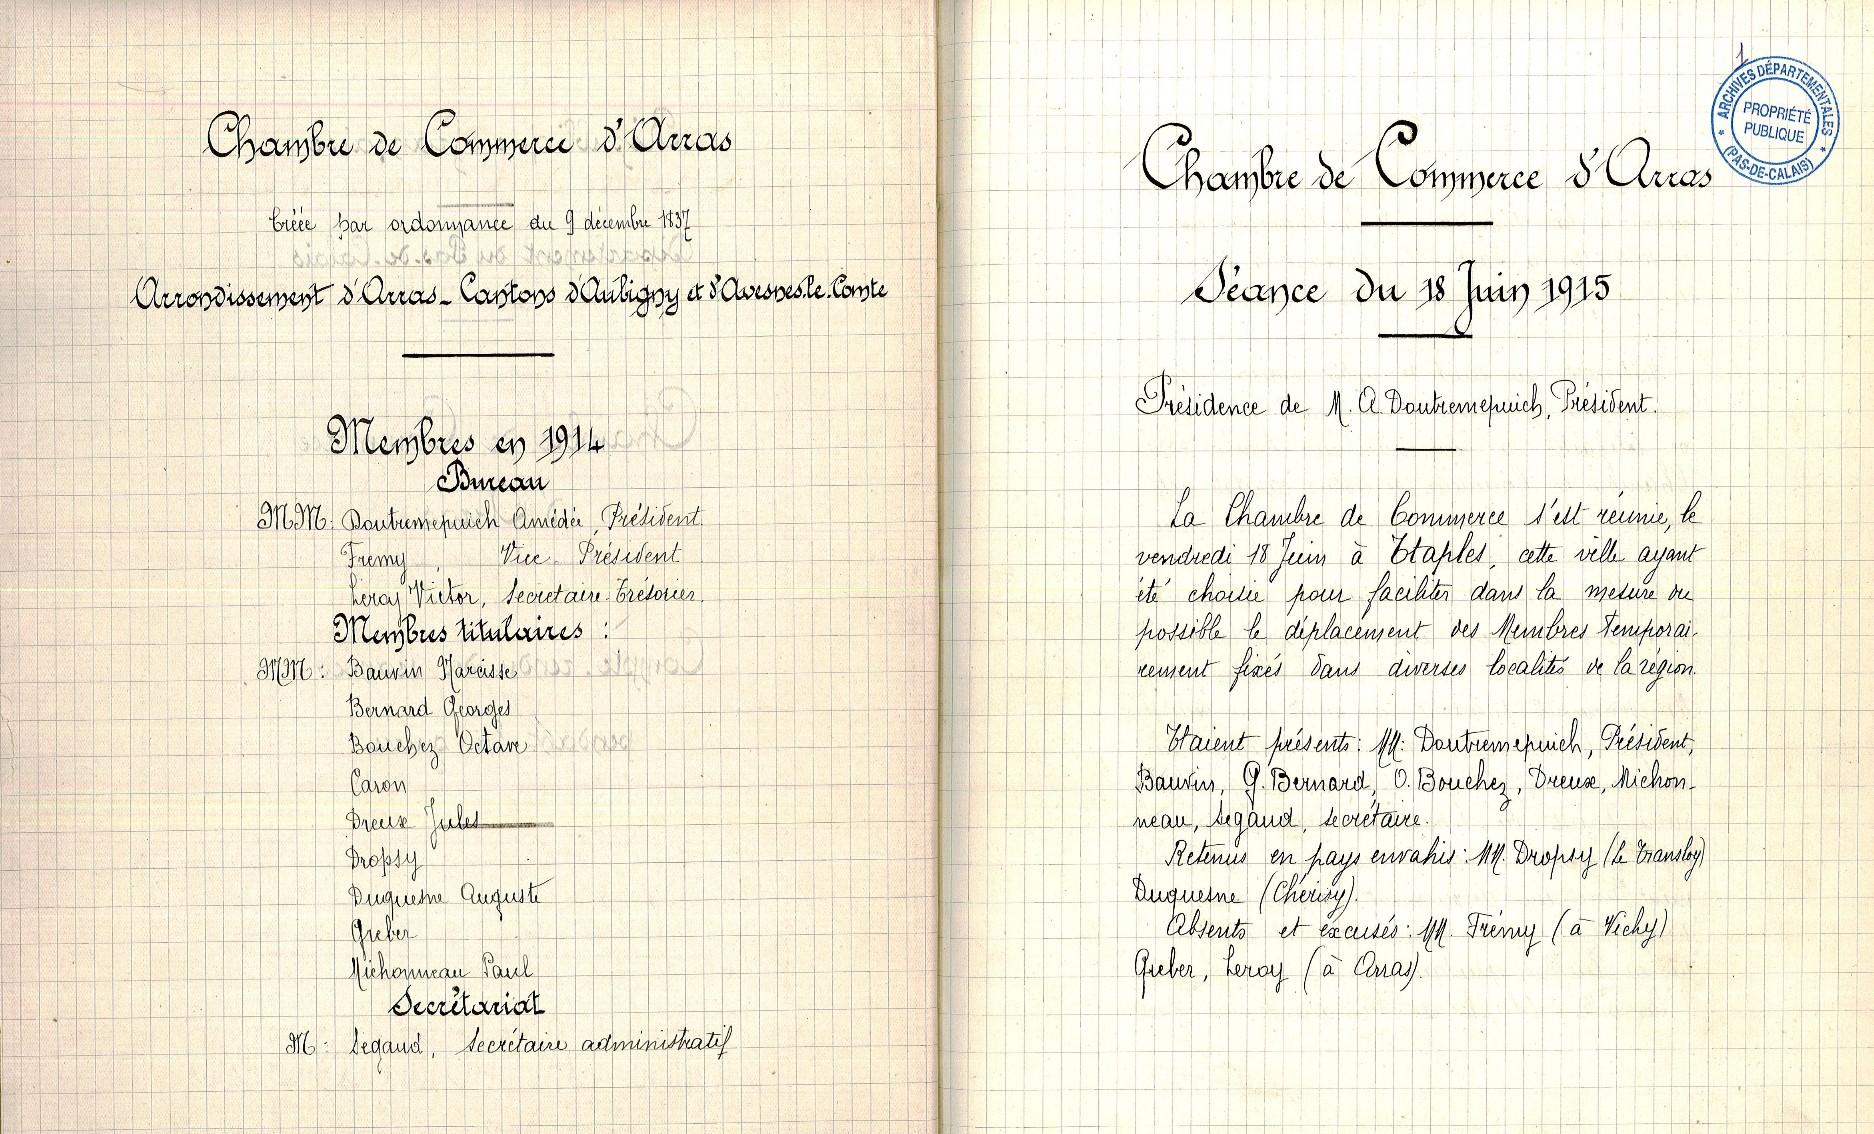 Fichier pv travaux chambre de commerce arras 1914 for Chambre de commerce calais